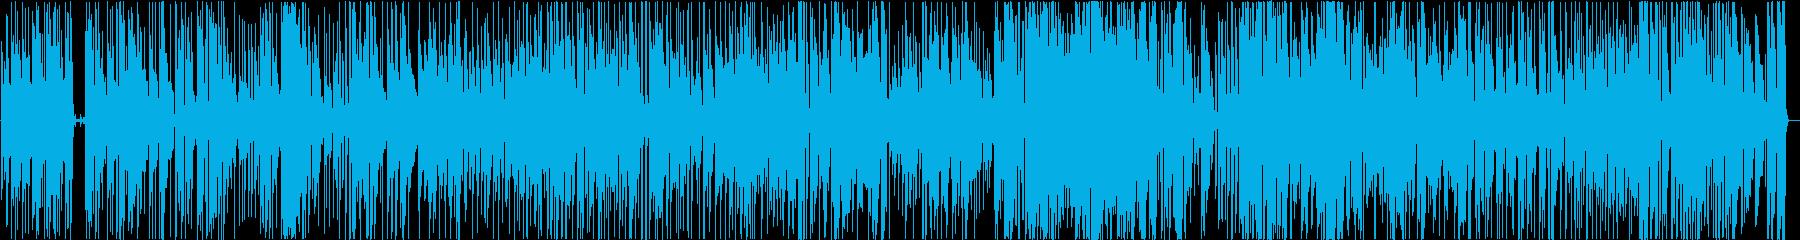 フュージョン ジャズ ブルース ア...の再生済みの波形